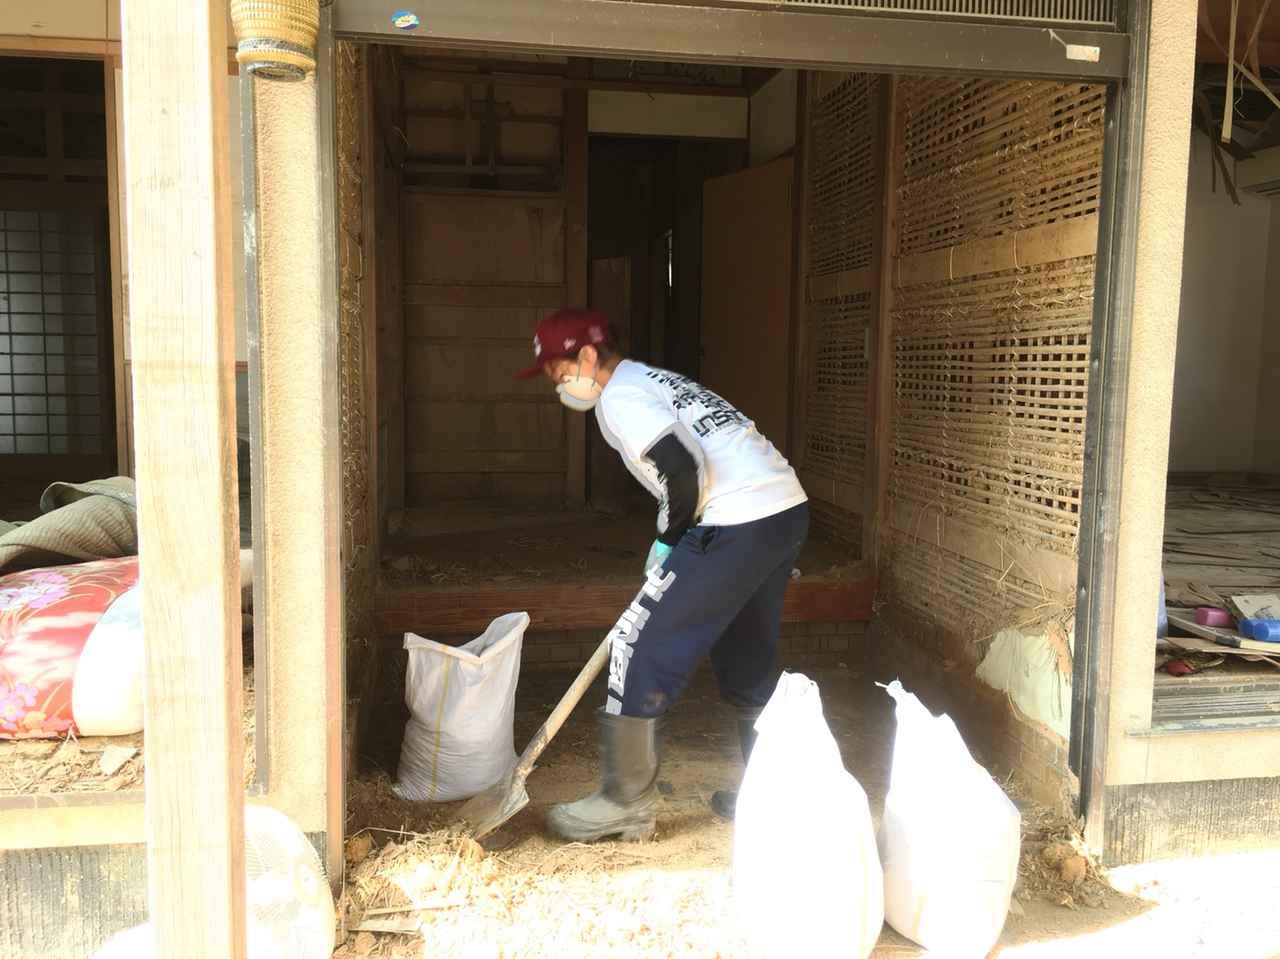 画像1: 浅倉カンナ選手が岡山県でボランティア活動